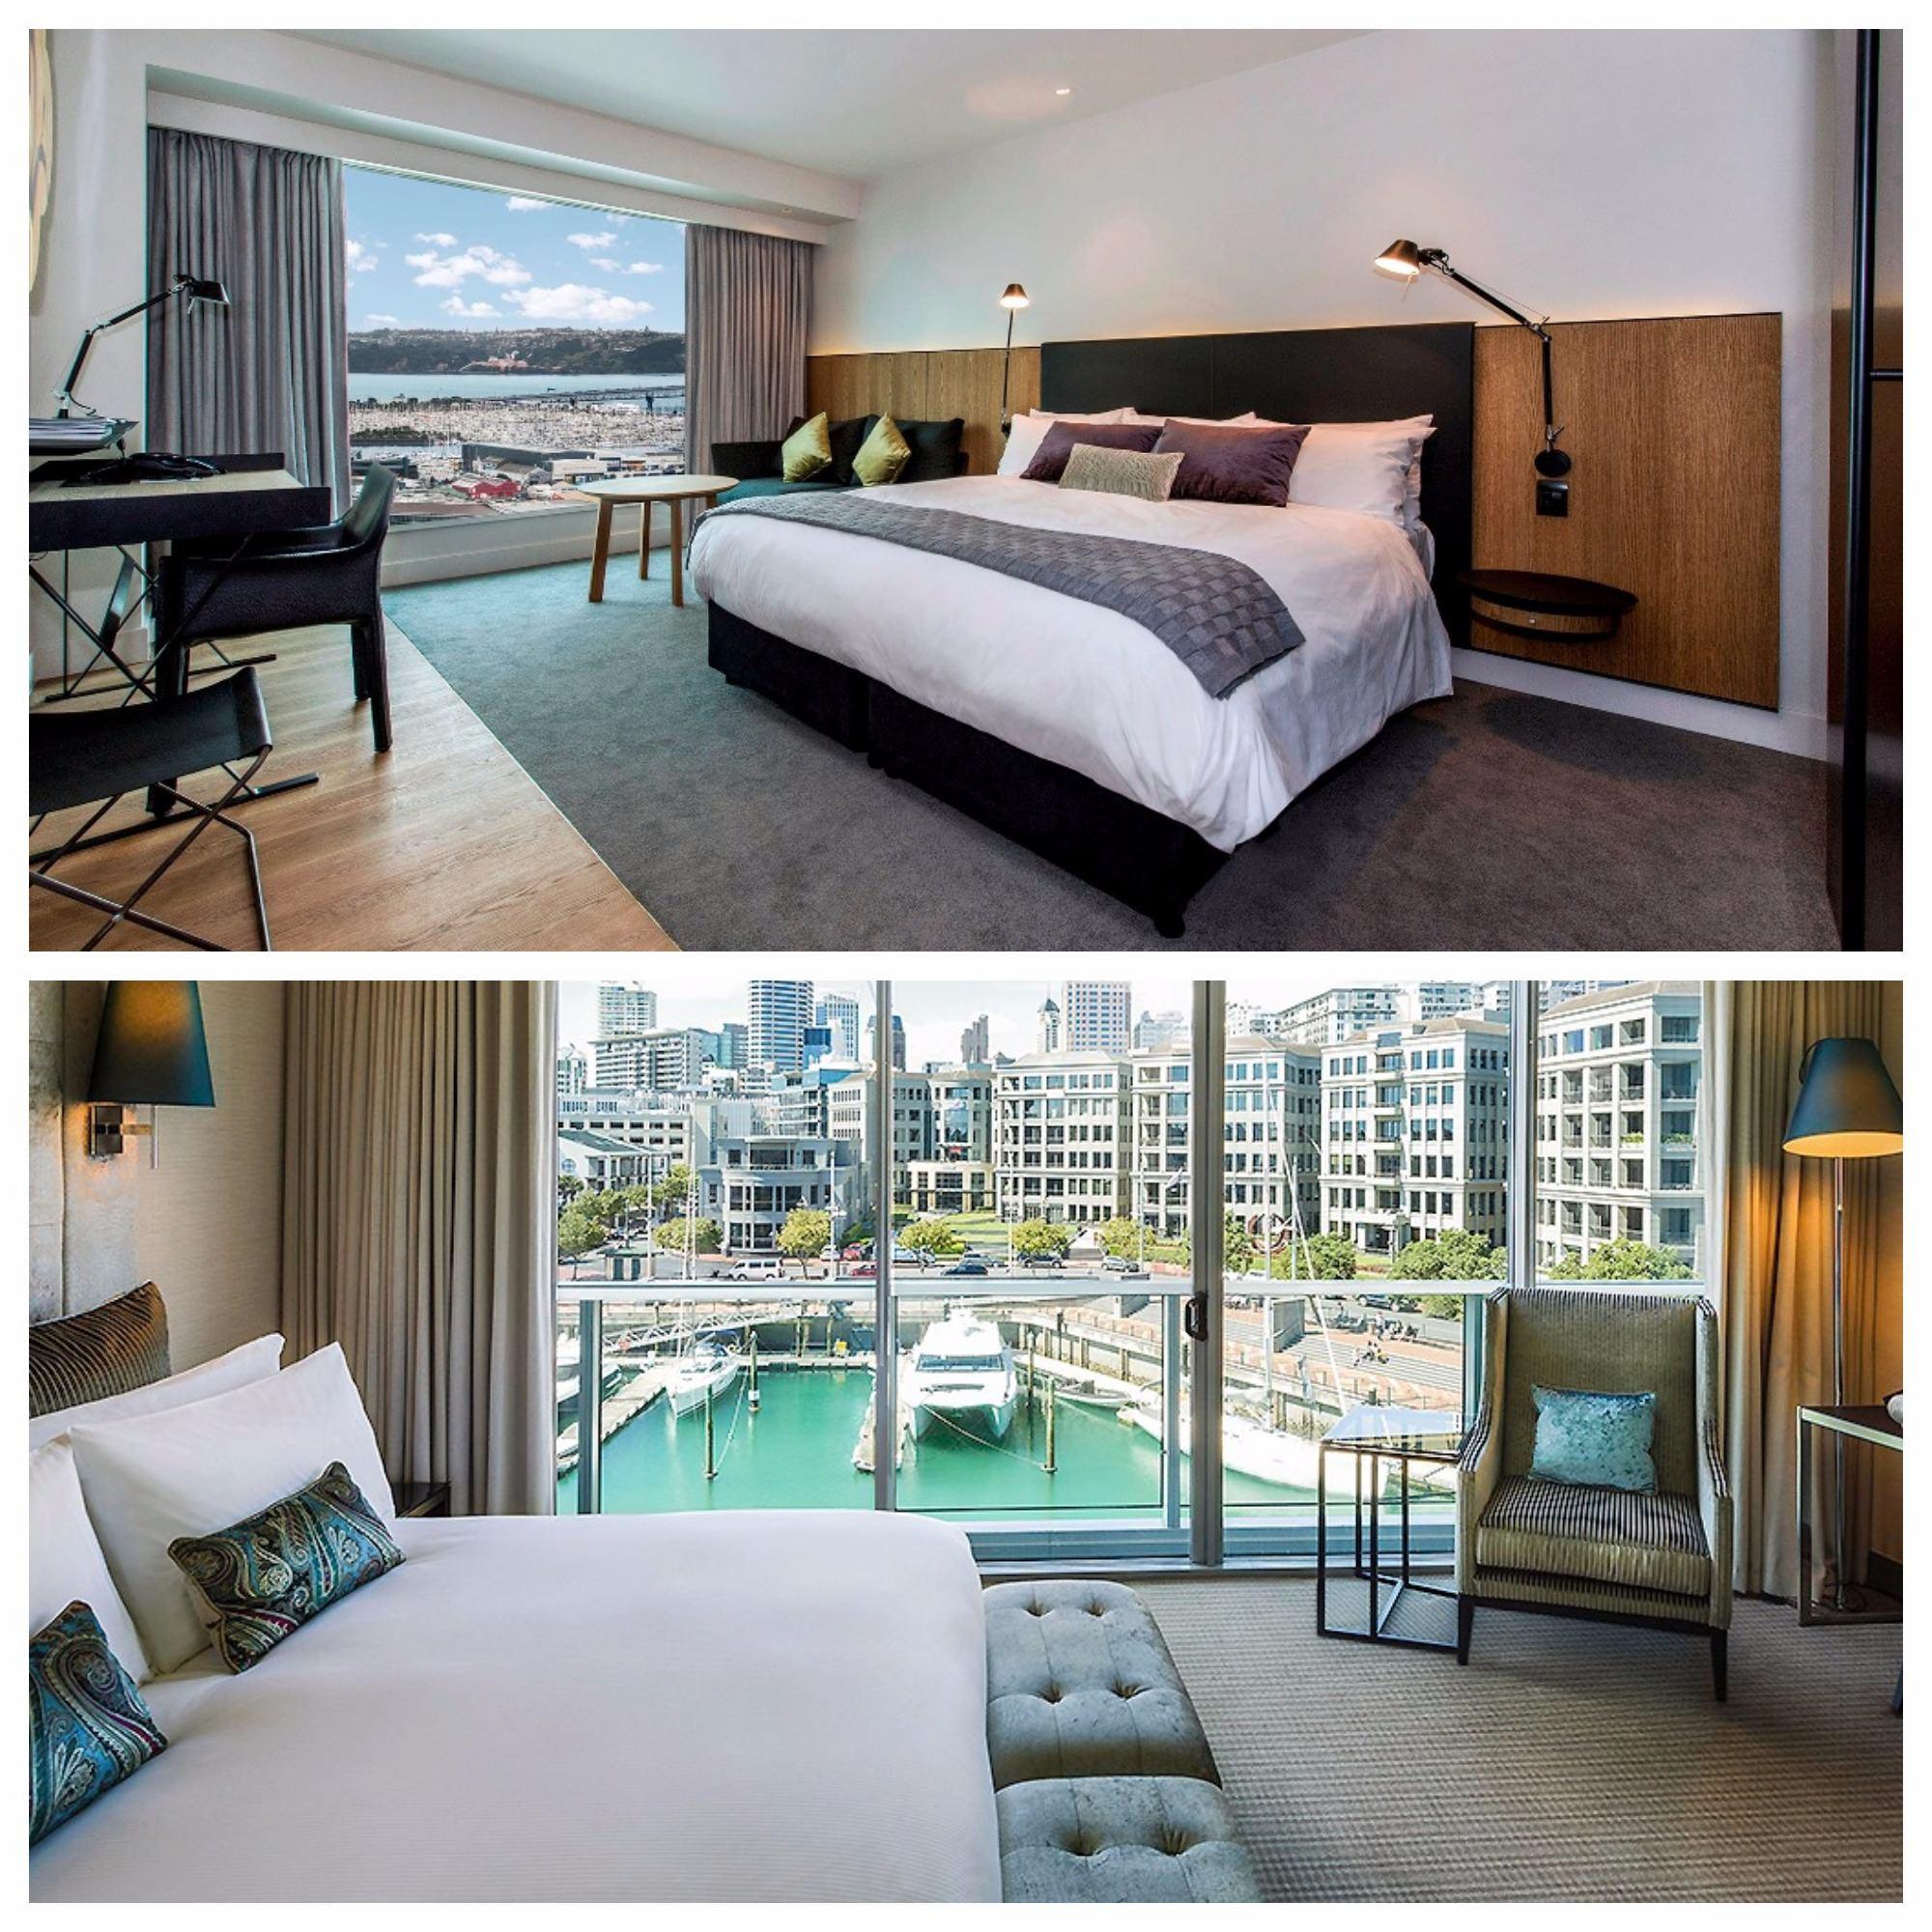 Aucklandhotels